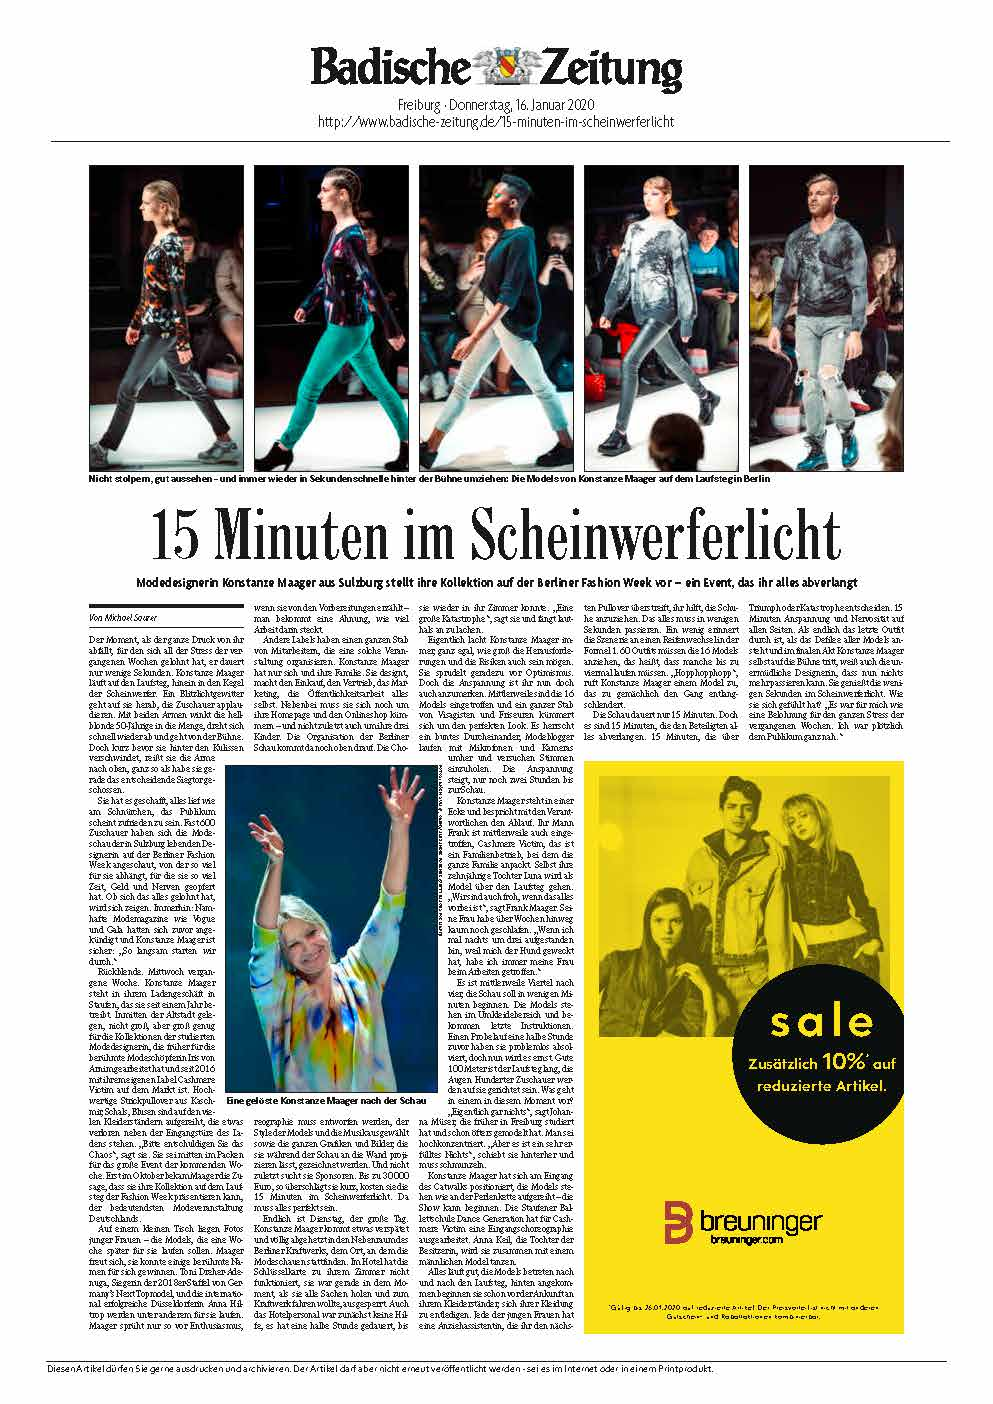 badische_zeitung_2020-01-16_181399410